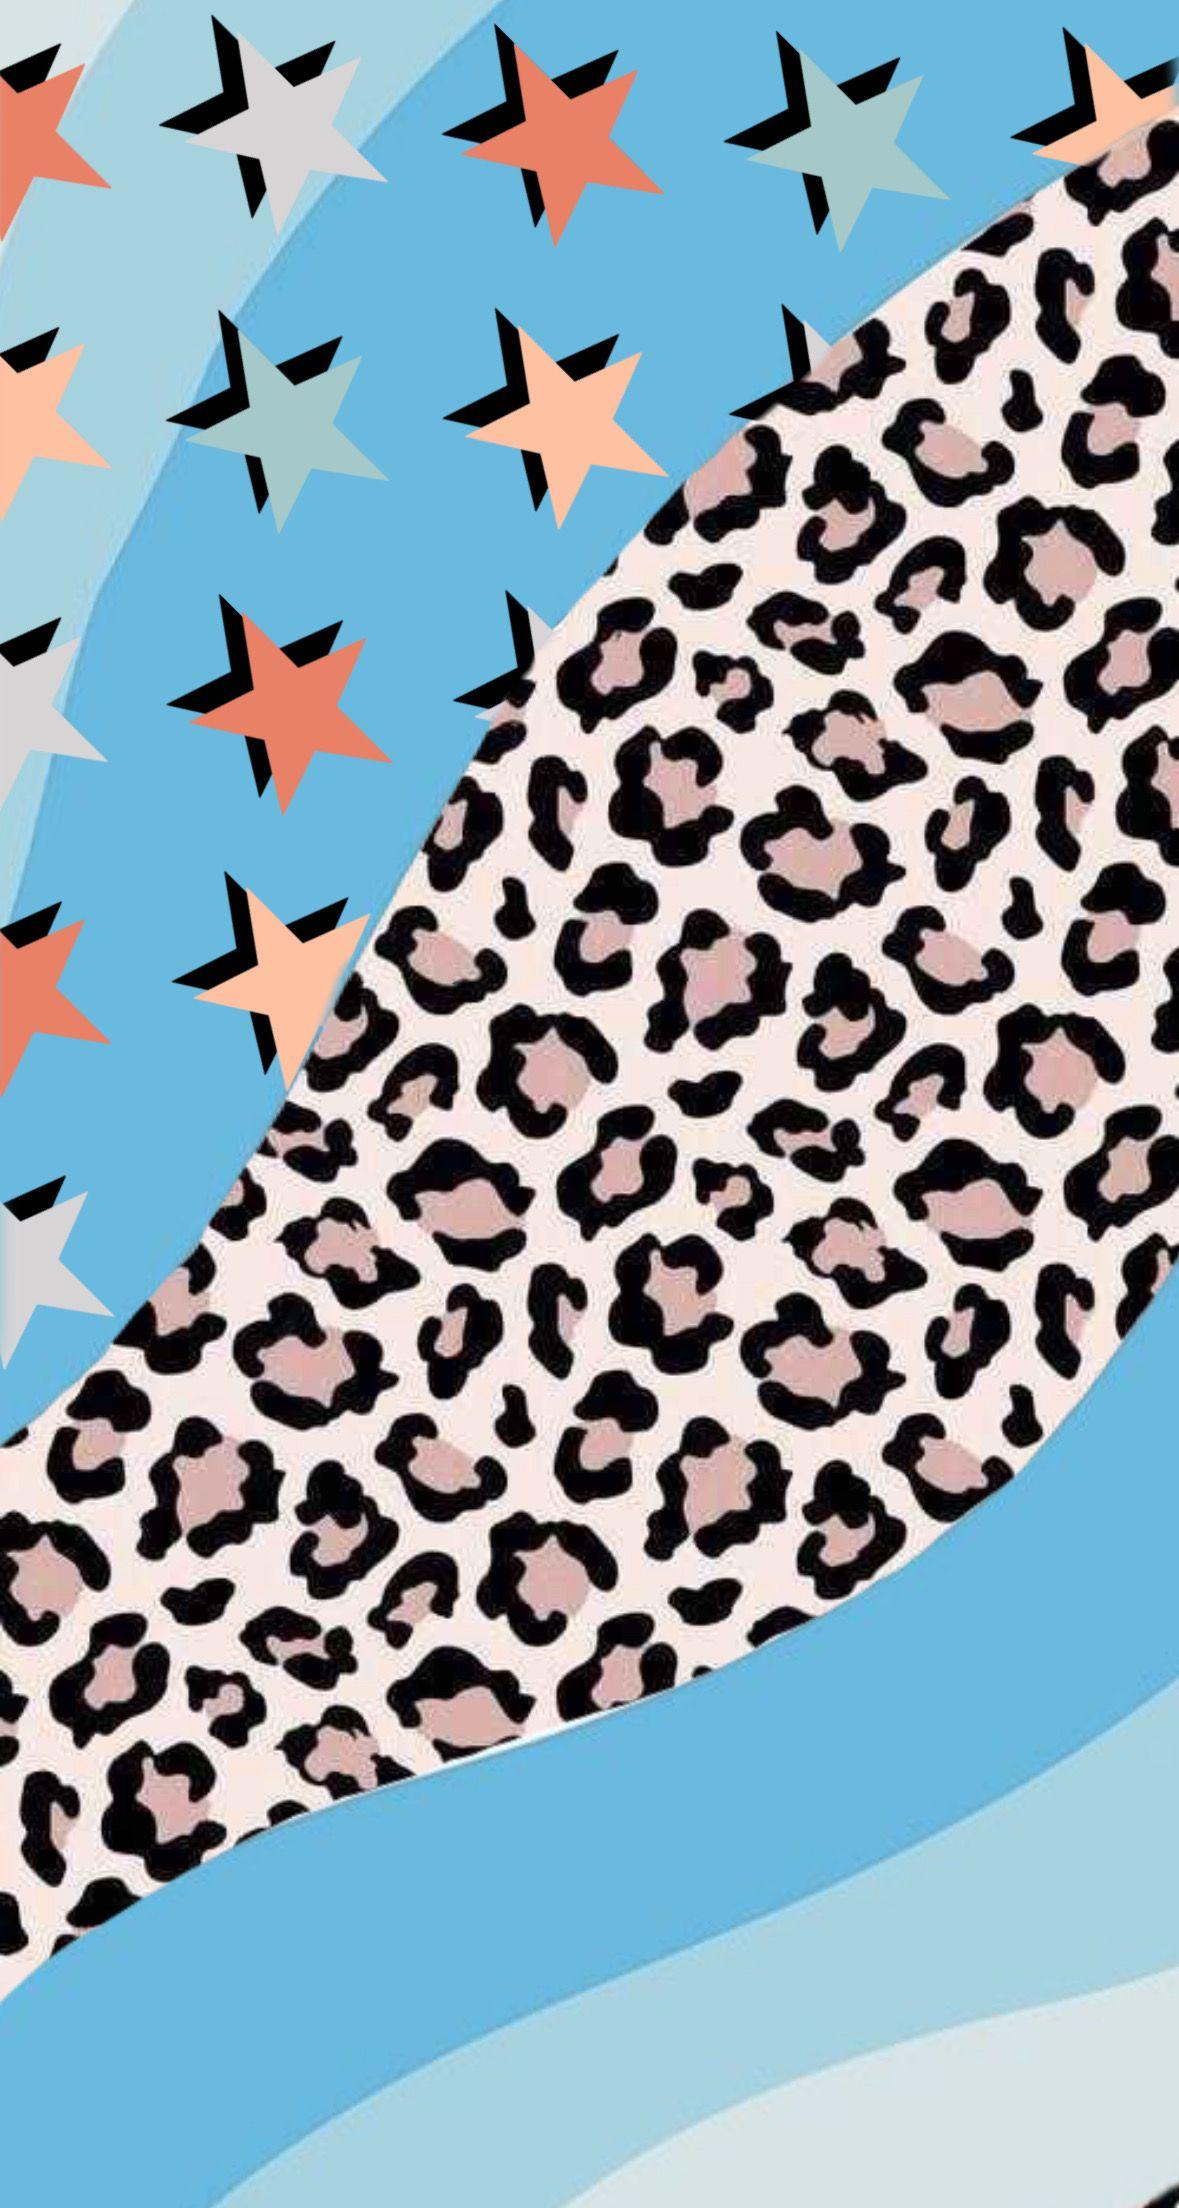 Pin By Kate On Wallpaper Cute Emoji Wallpaper Aesthetic Iphone Wallpaper Cheetah Print Wallpaper